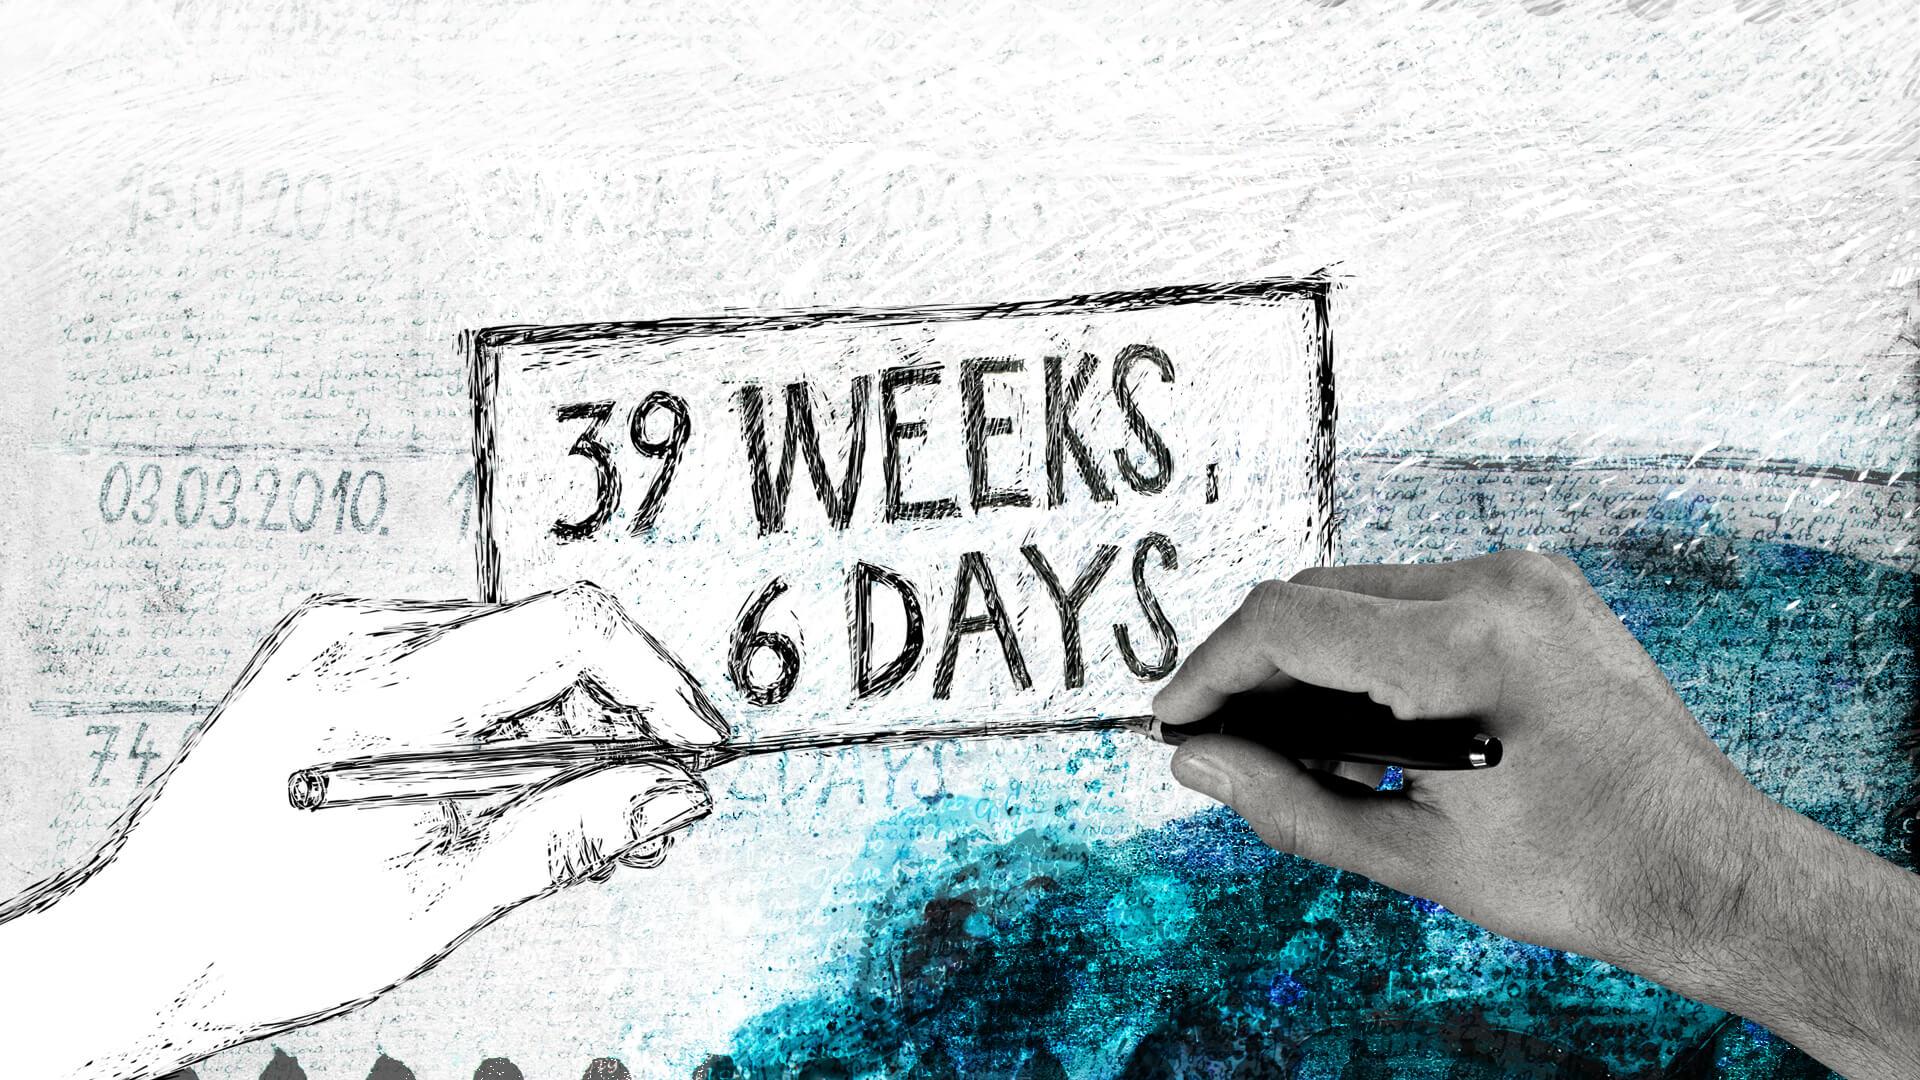 39-tyzdnov-6-dni-slovensky-film-2017-bfilm